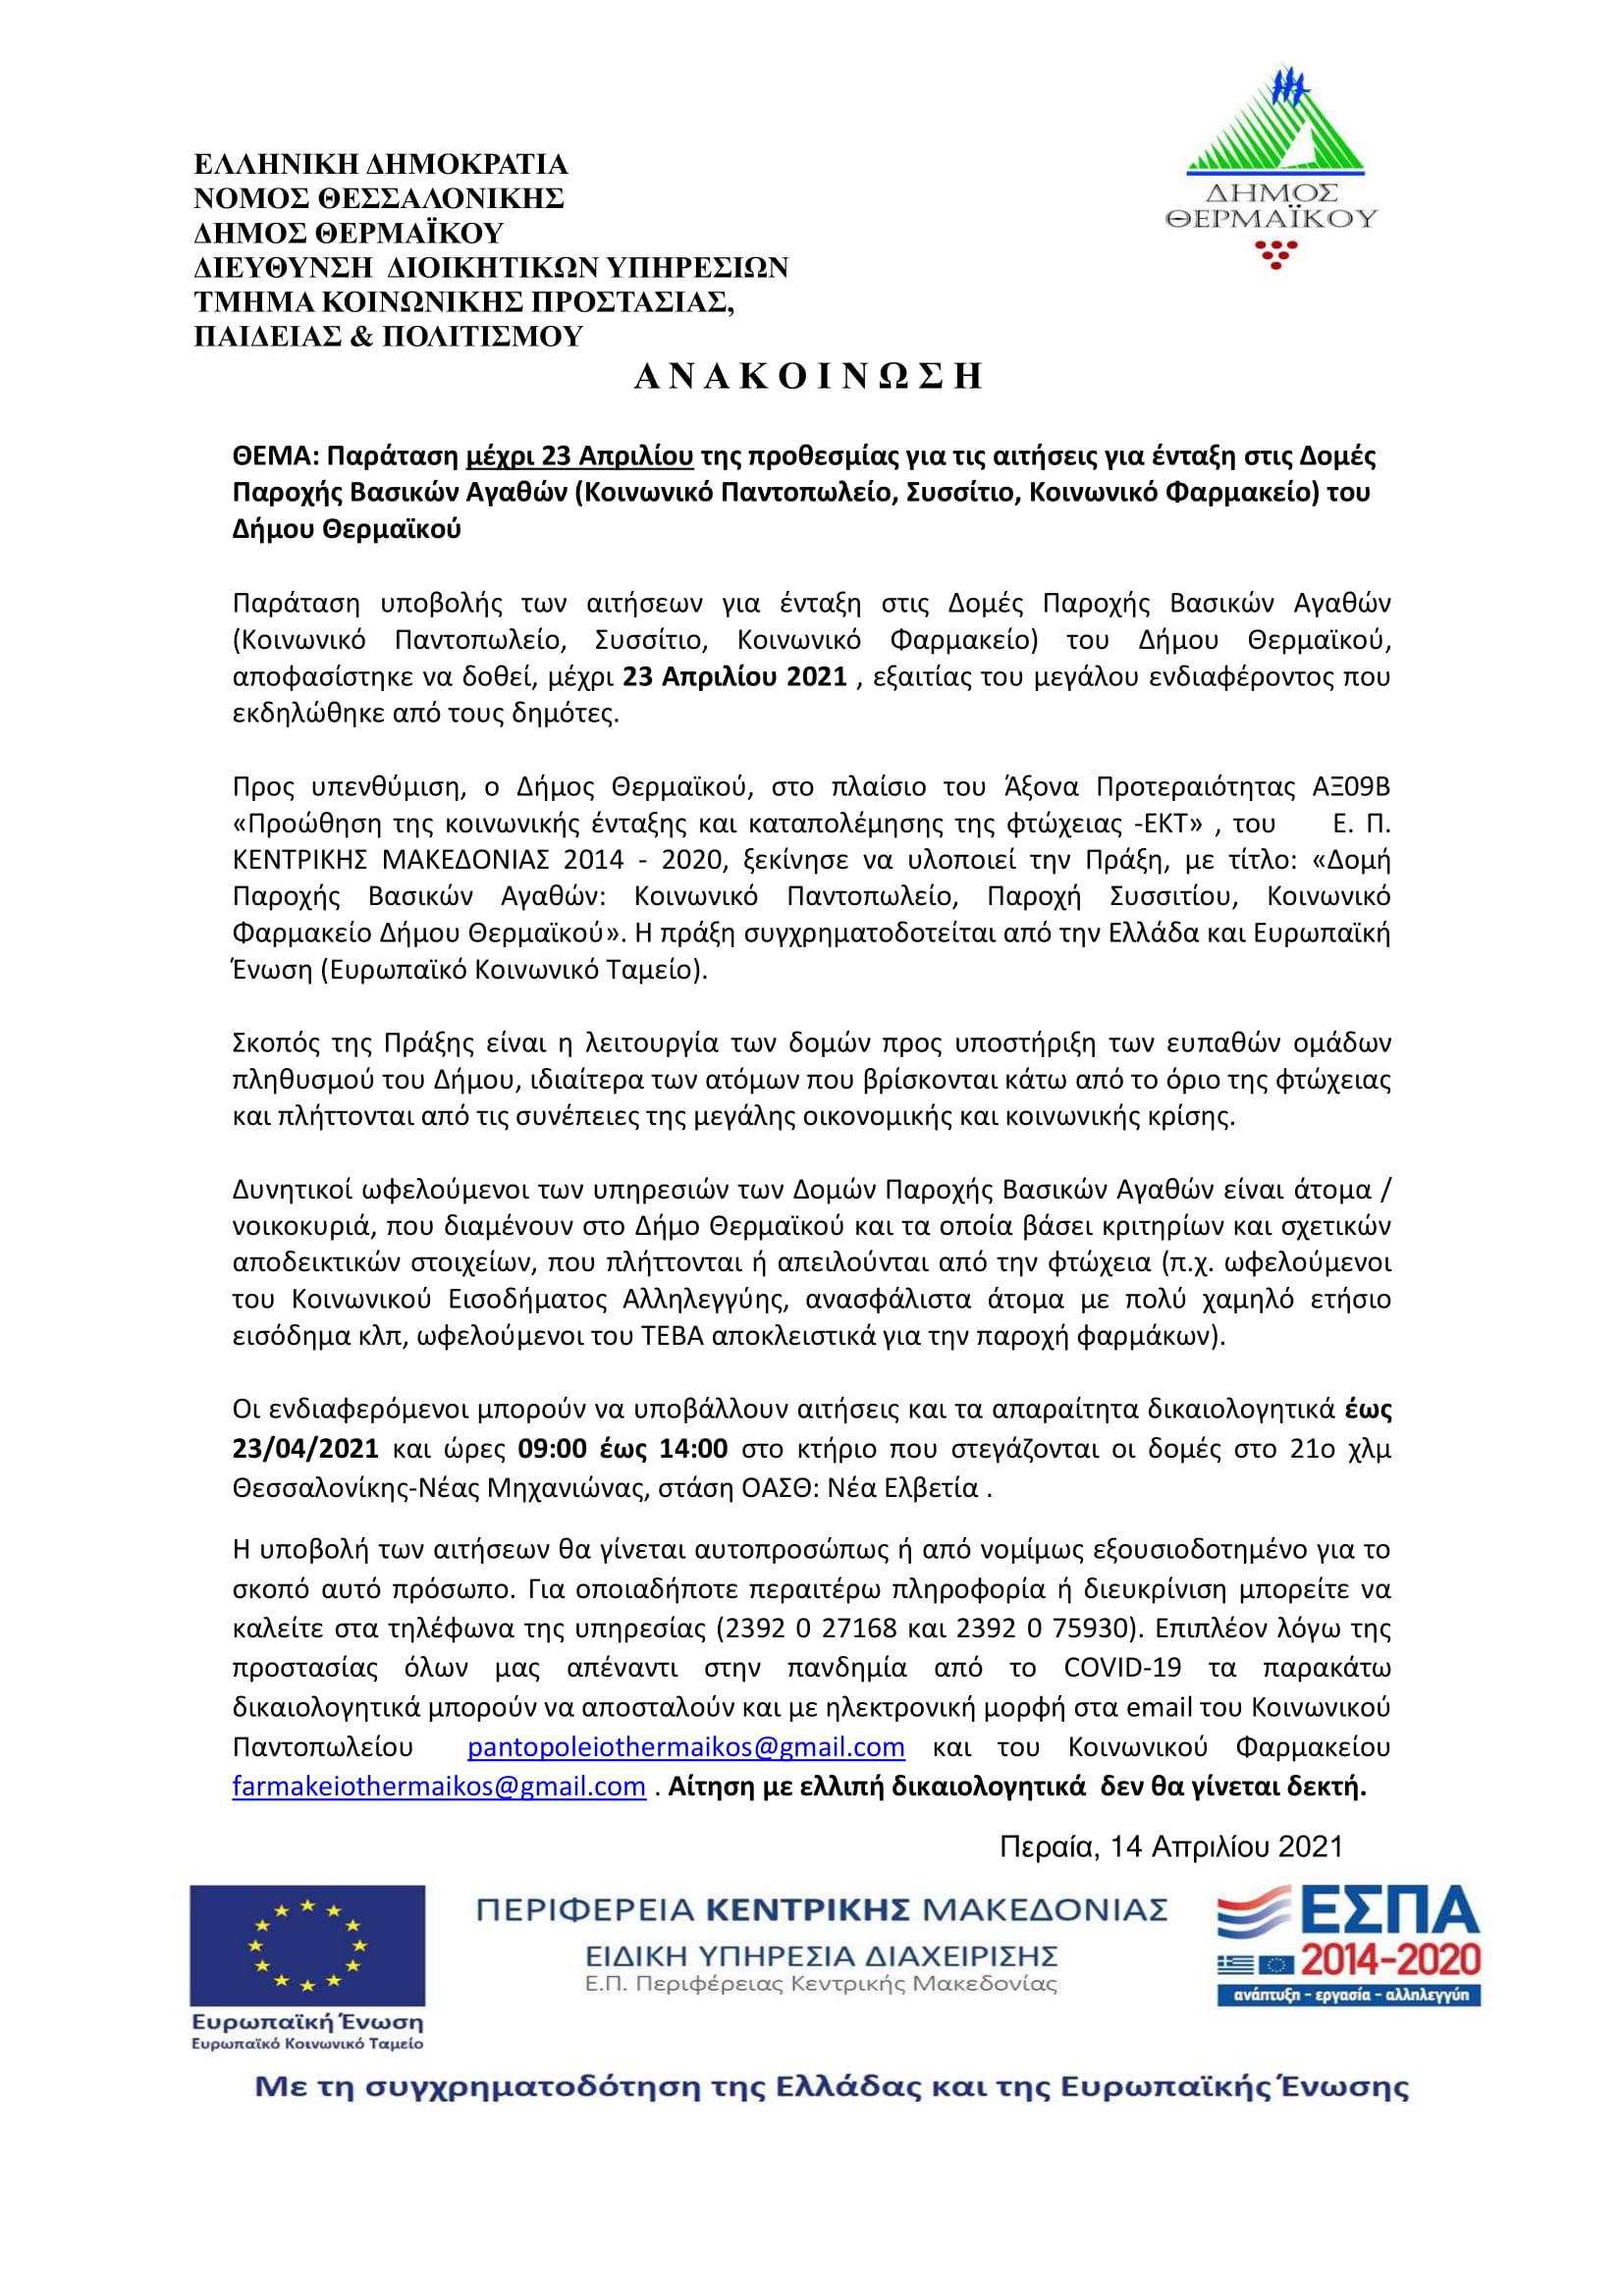 Παράταση των αιτήσεων για τις Δομές Παροχής Βασικών Αγαθών 2021 1